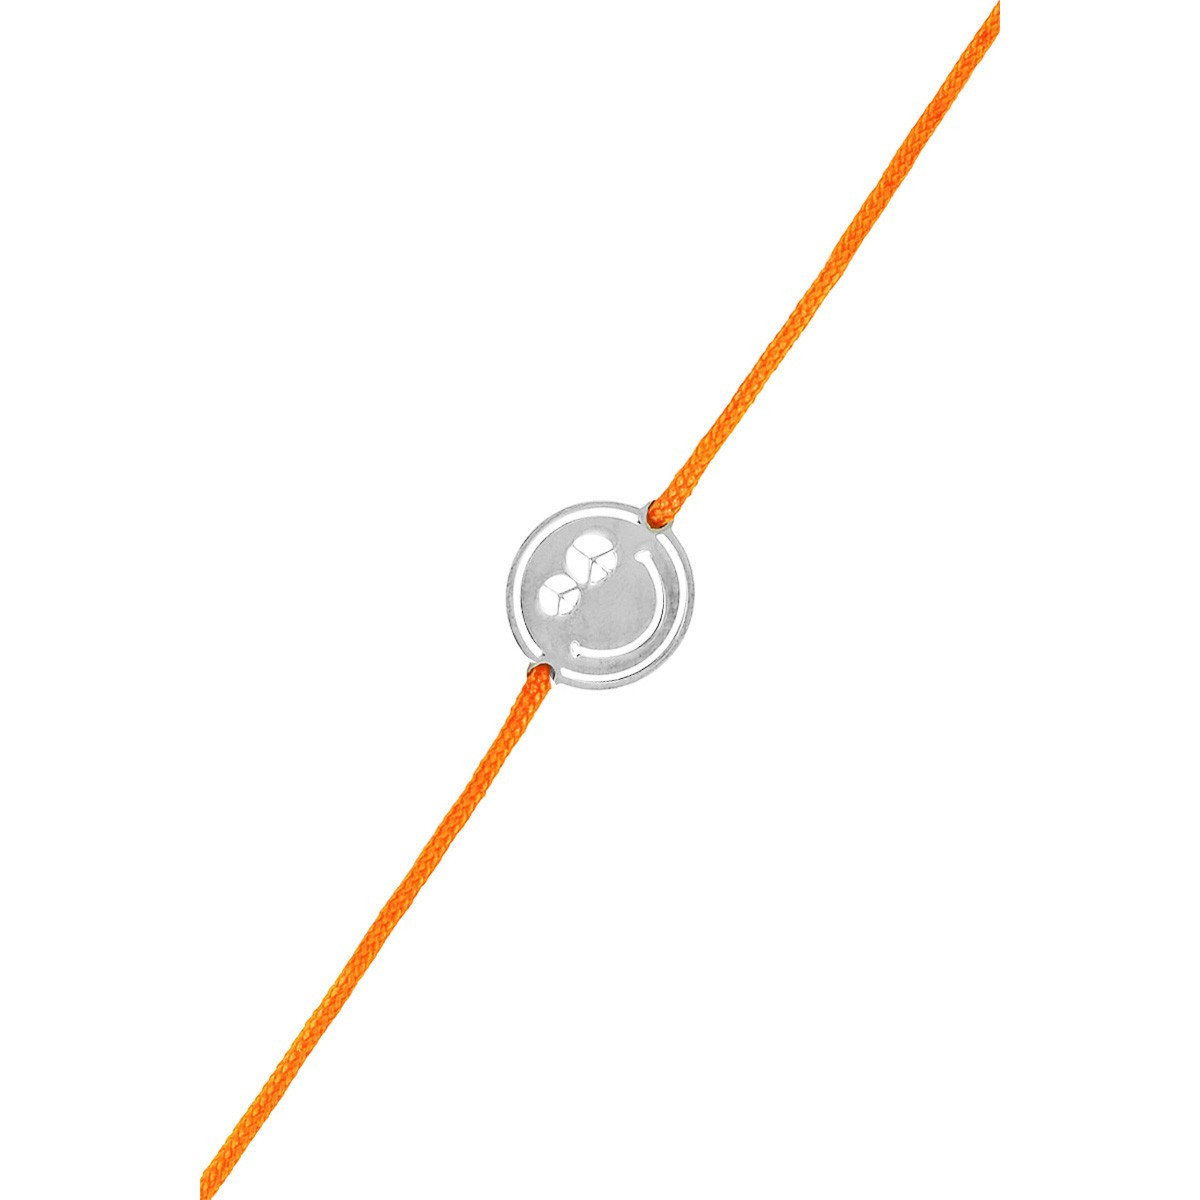 Bracelet Femme Smiley Peace & Love Cordon Orange En Argent 925